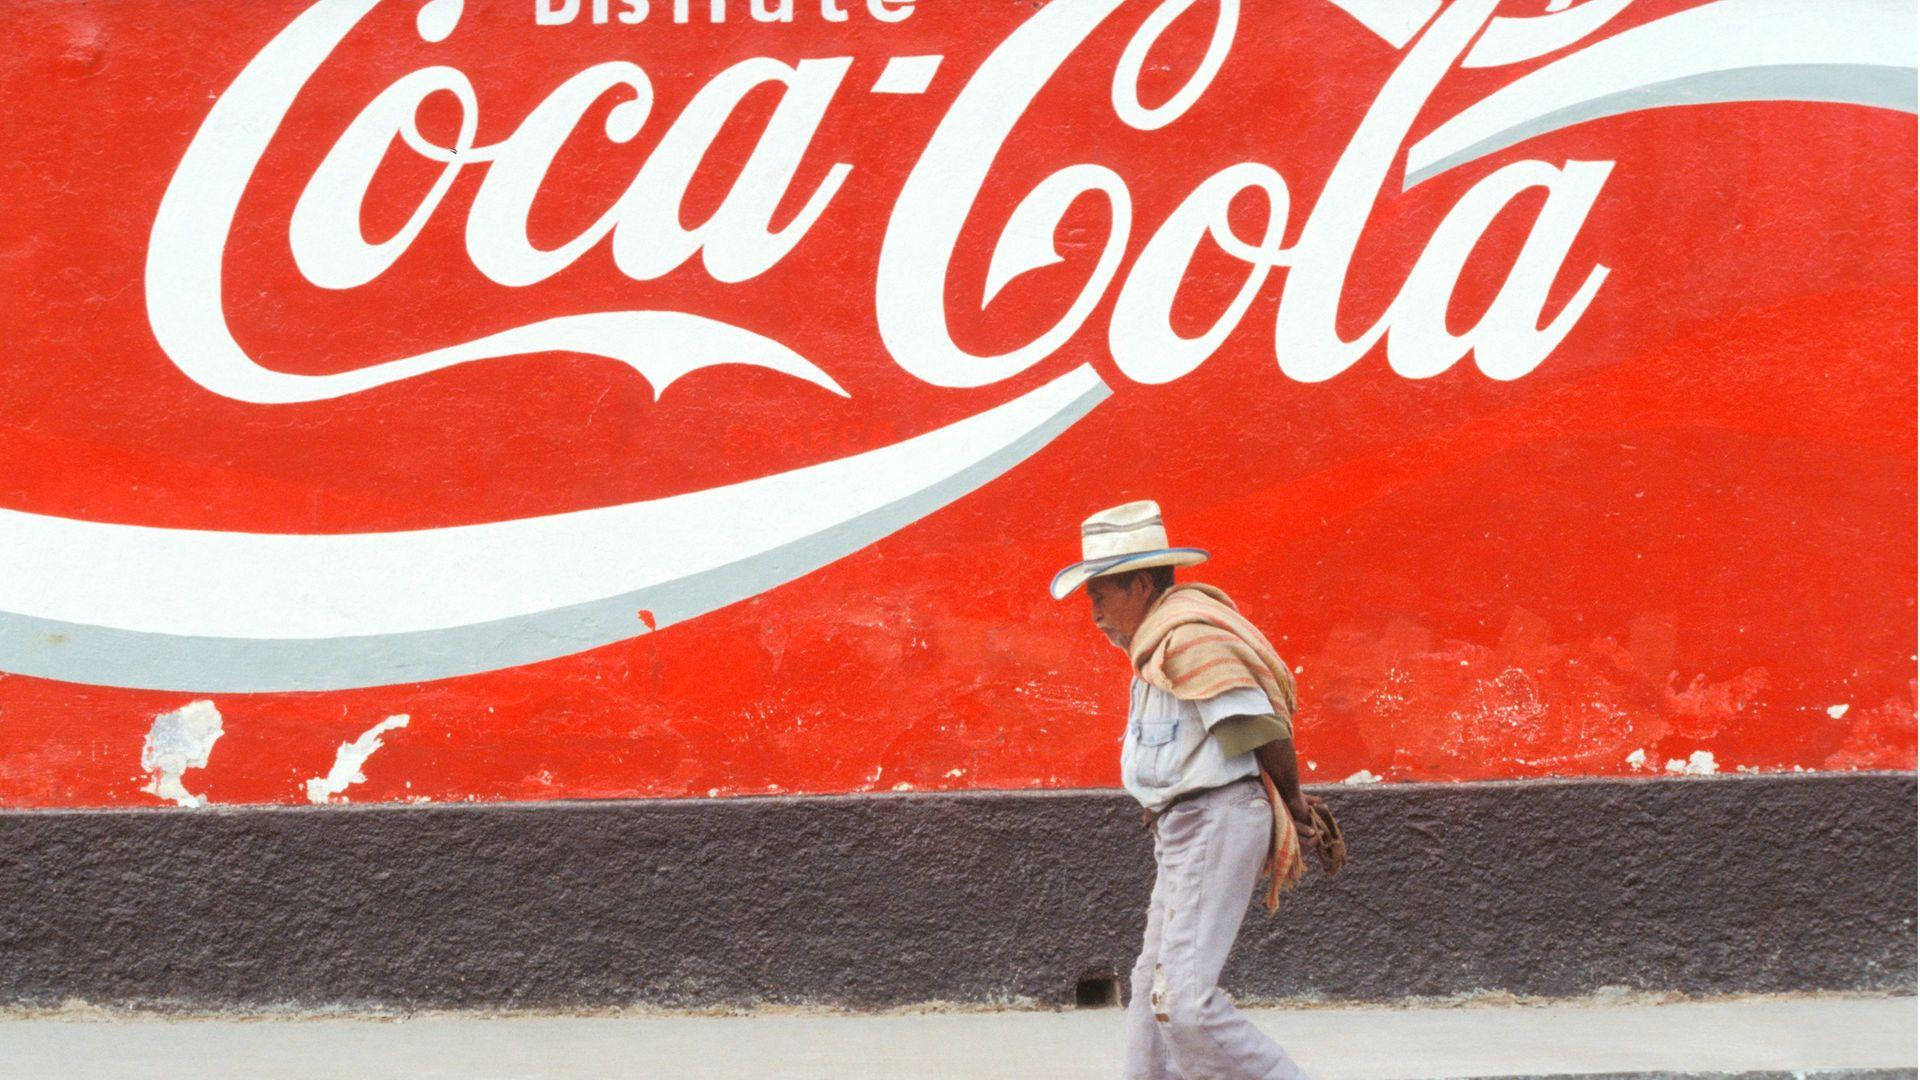 A man walks past a Coca-Cola advert in San Cristobal de las Casas, Mexico - Credit: Riccardo Lombardo/Reda&Co/Universal Images Group via Getty Images